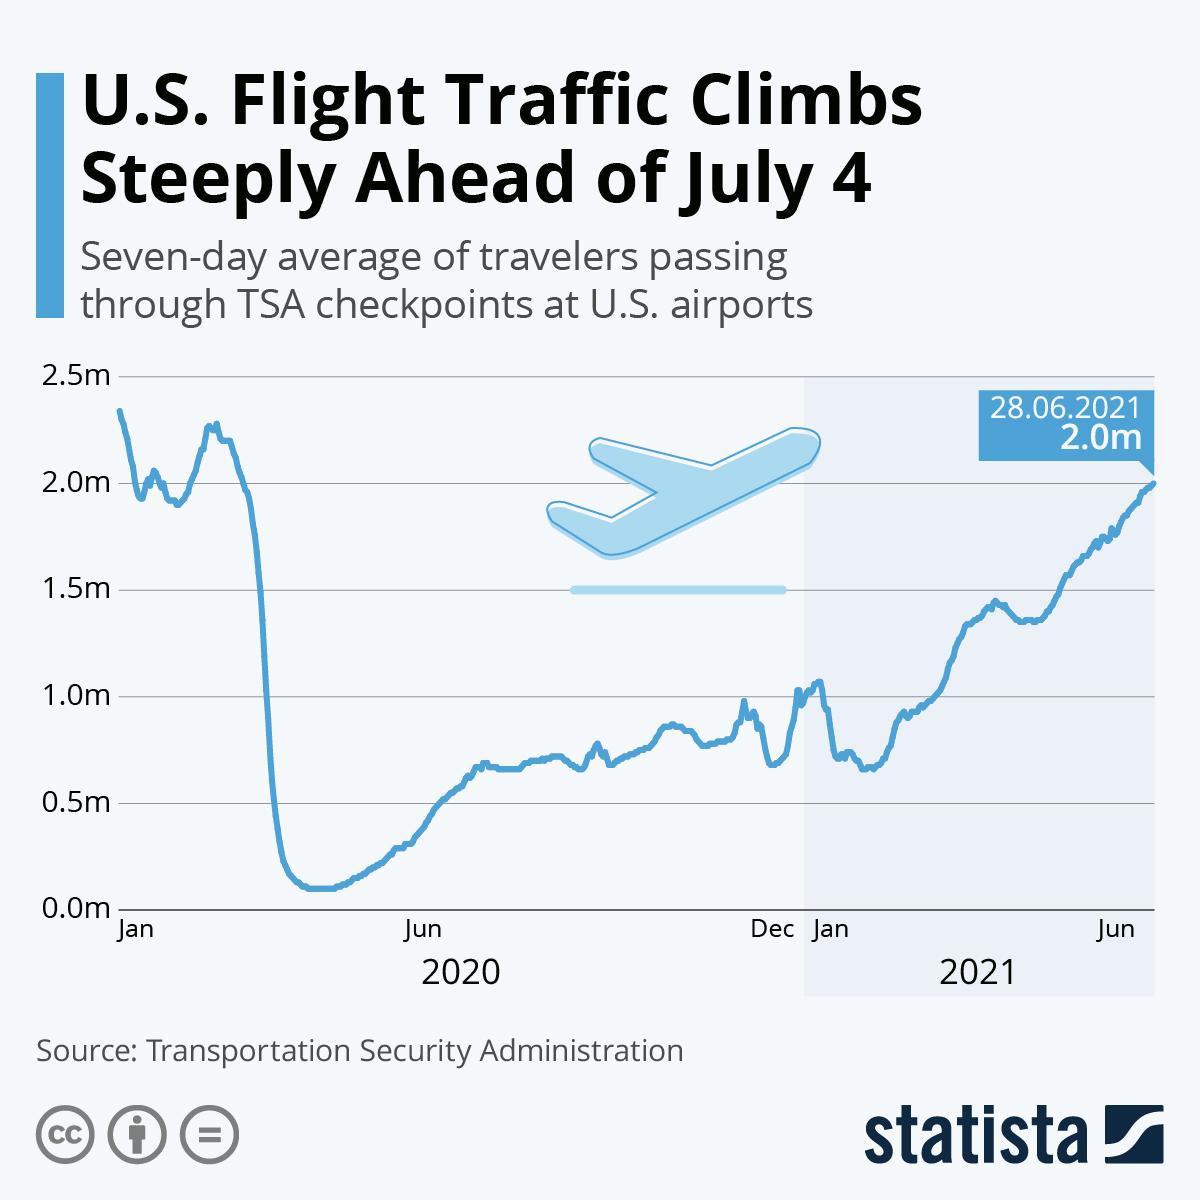 U.S. Flight Traffic Climbs Steeply Ahead of July 4